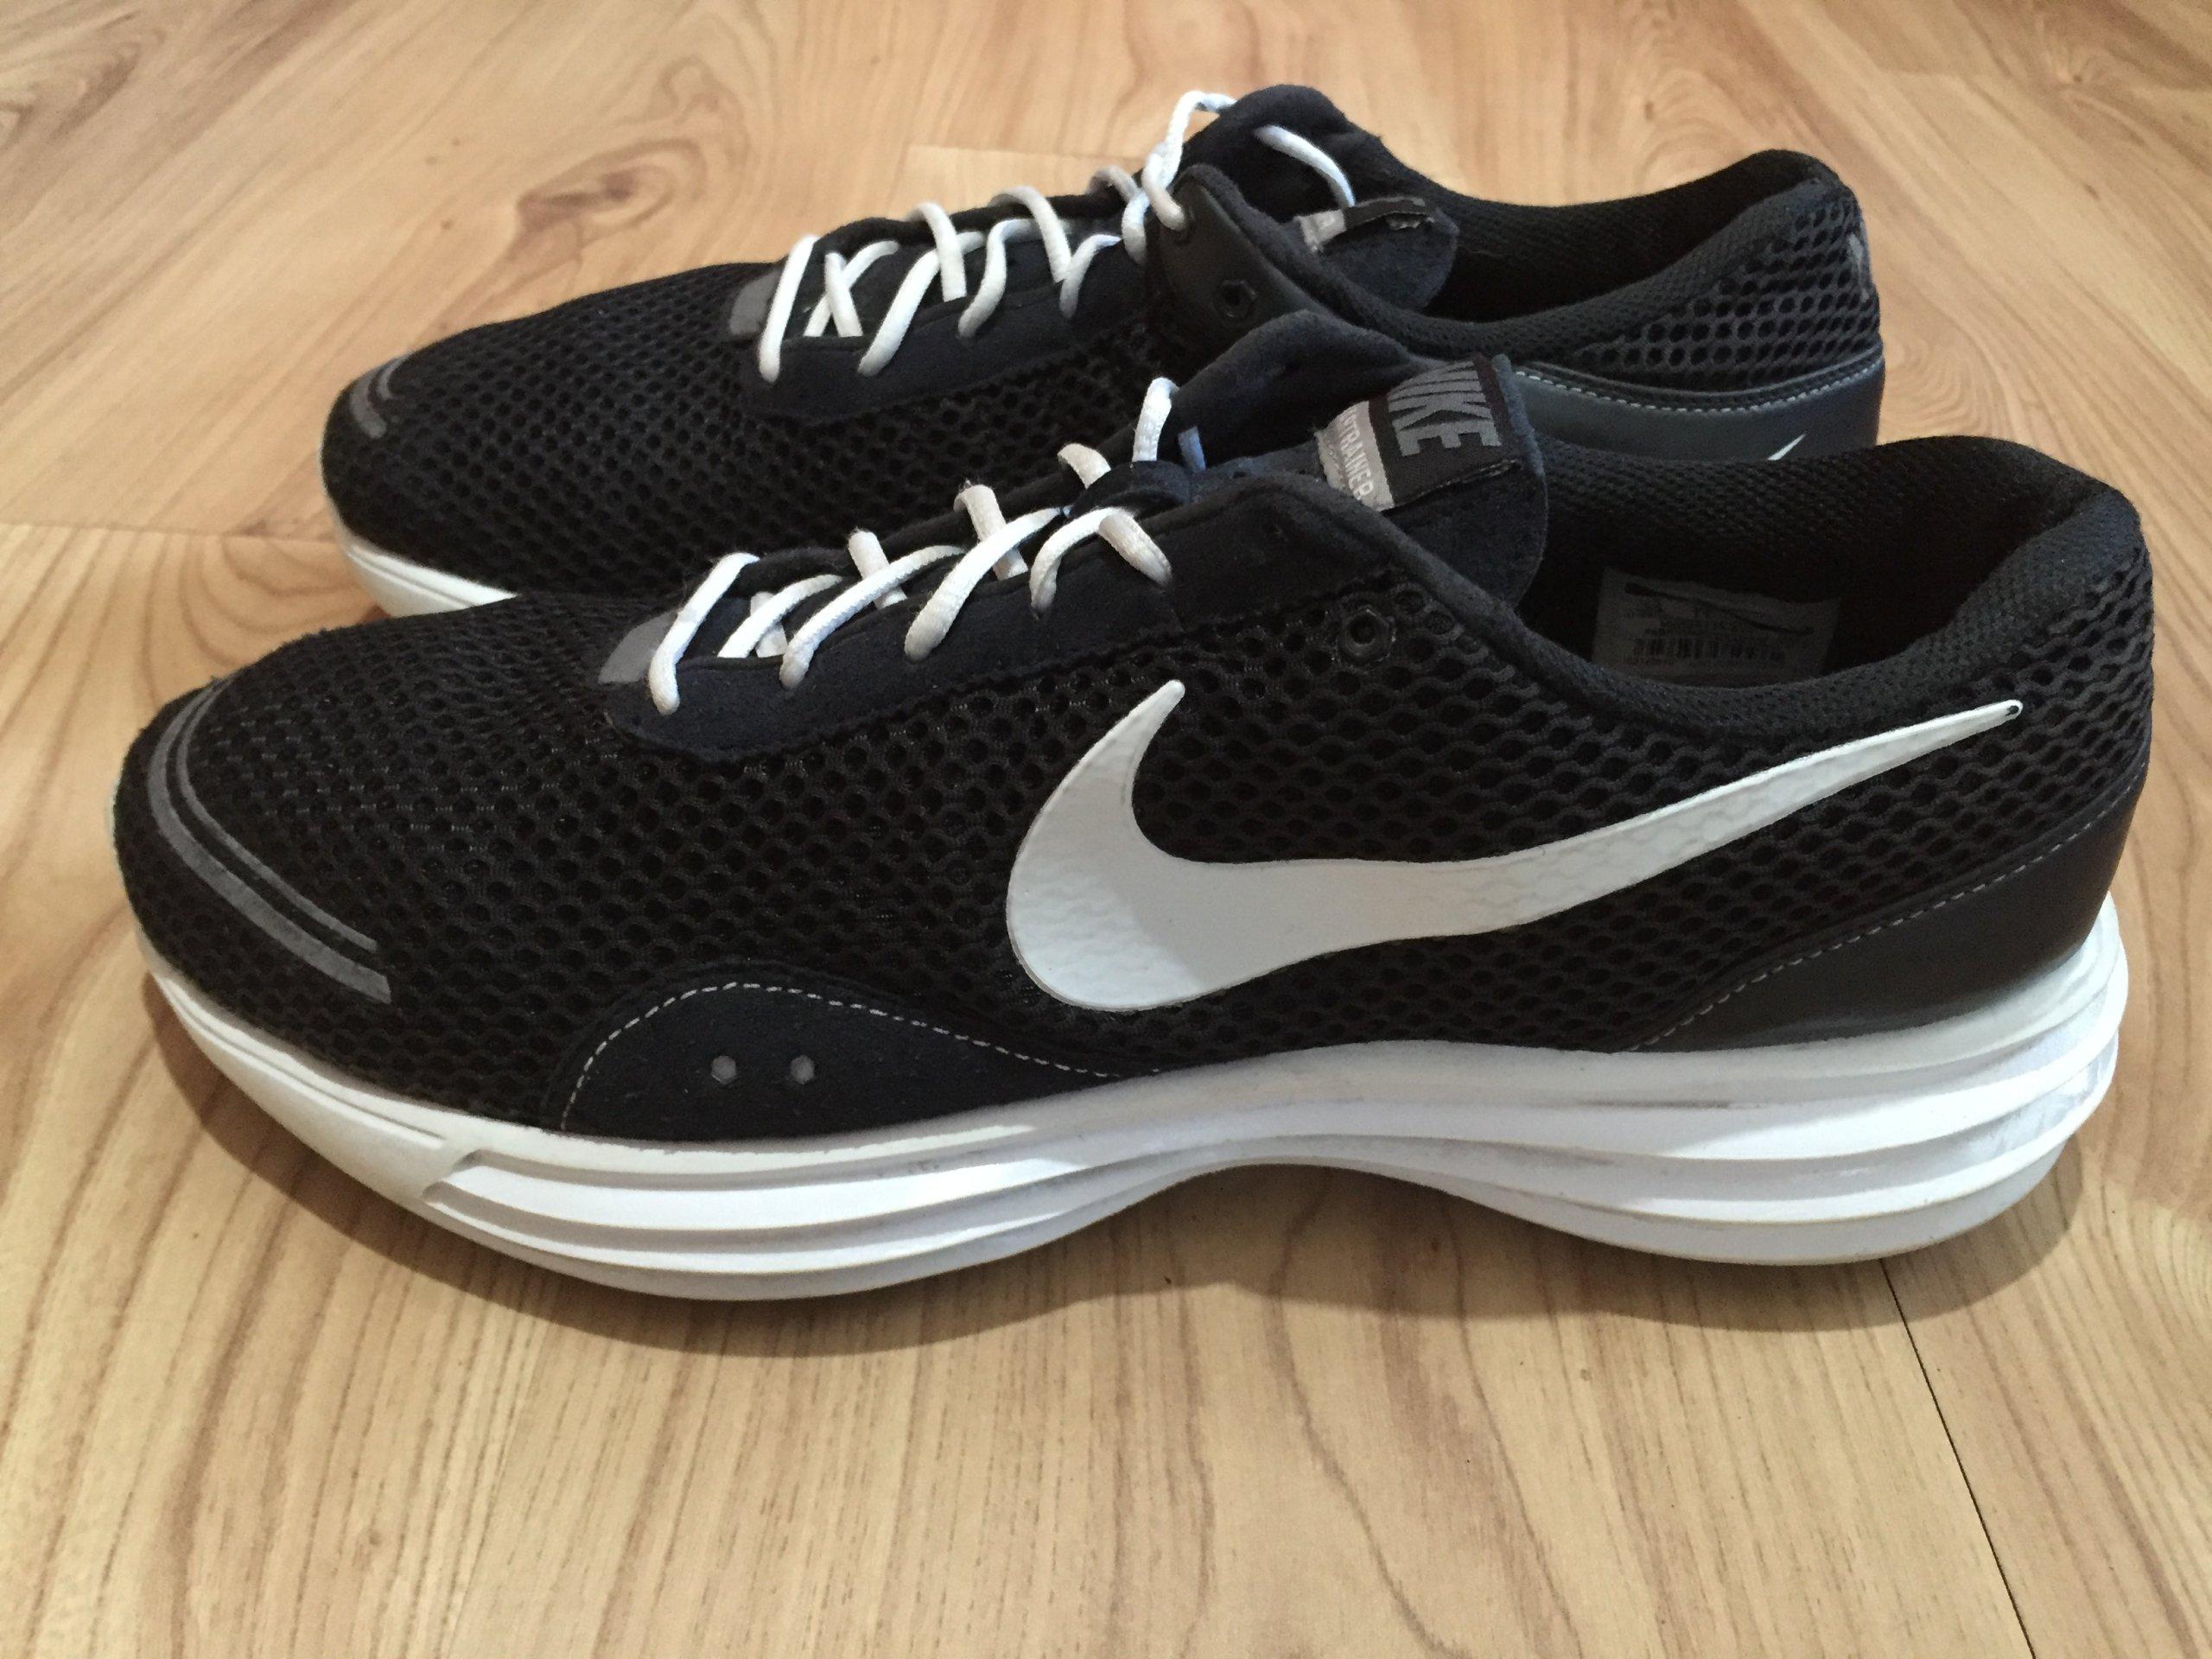 niesamowita cena spotykać się wiele stylów Sportowe buty Nike Lunarlon Trainer r.46 30cm